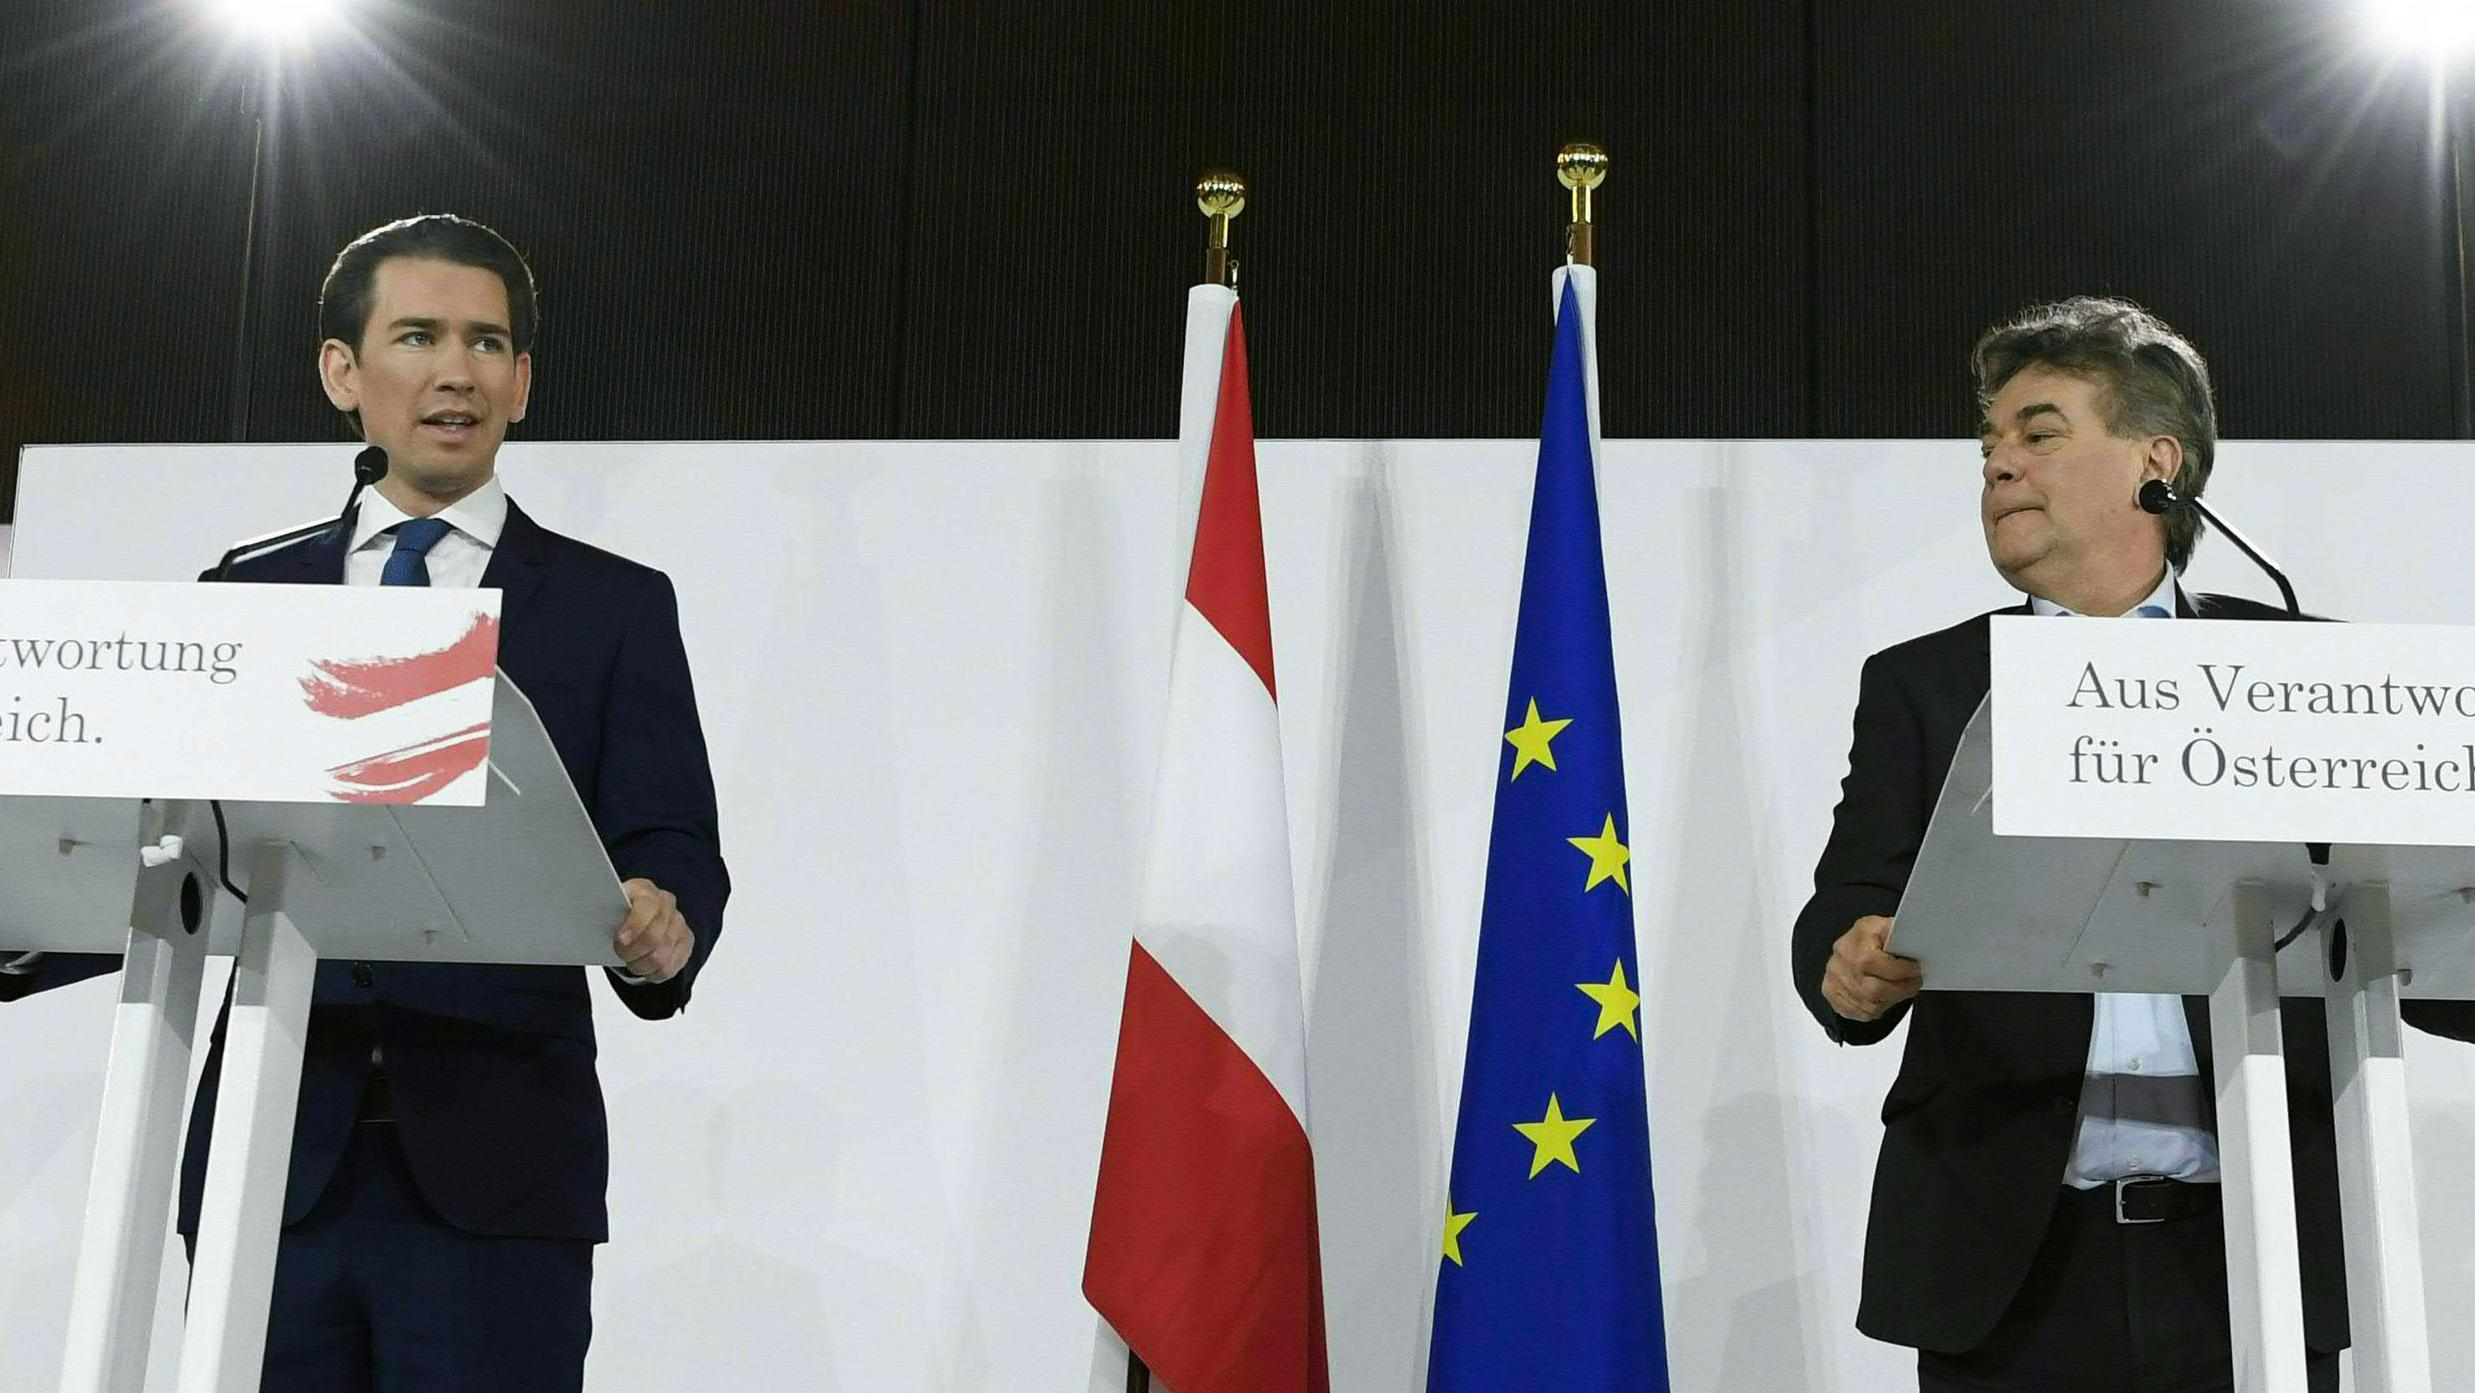 ÖVP und Grüne  in Österreich stellen Regierungsprogramm vor